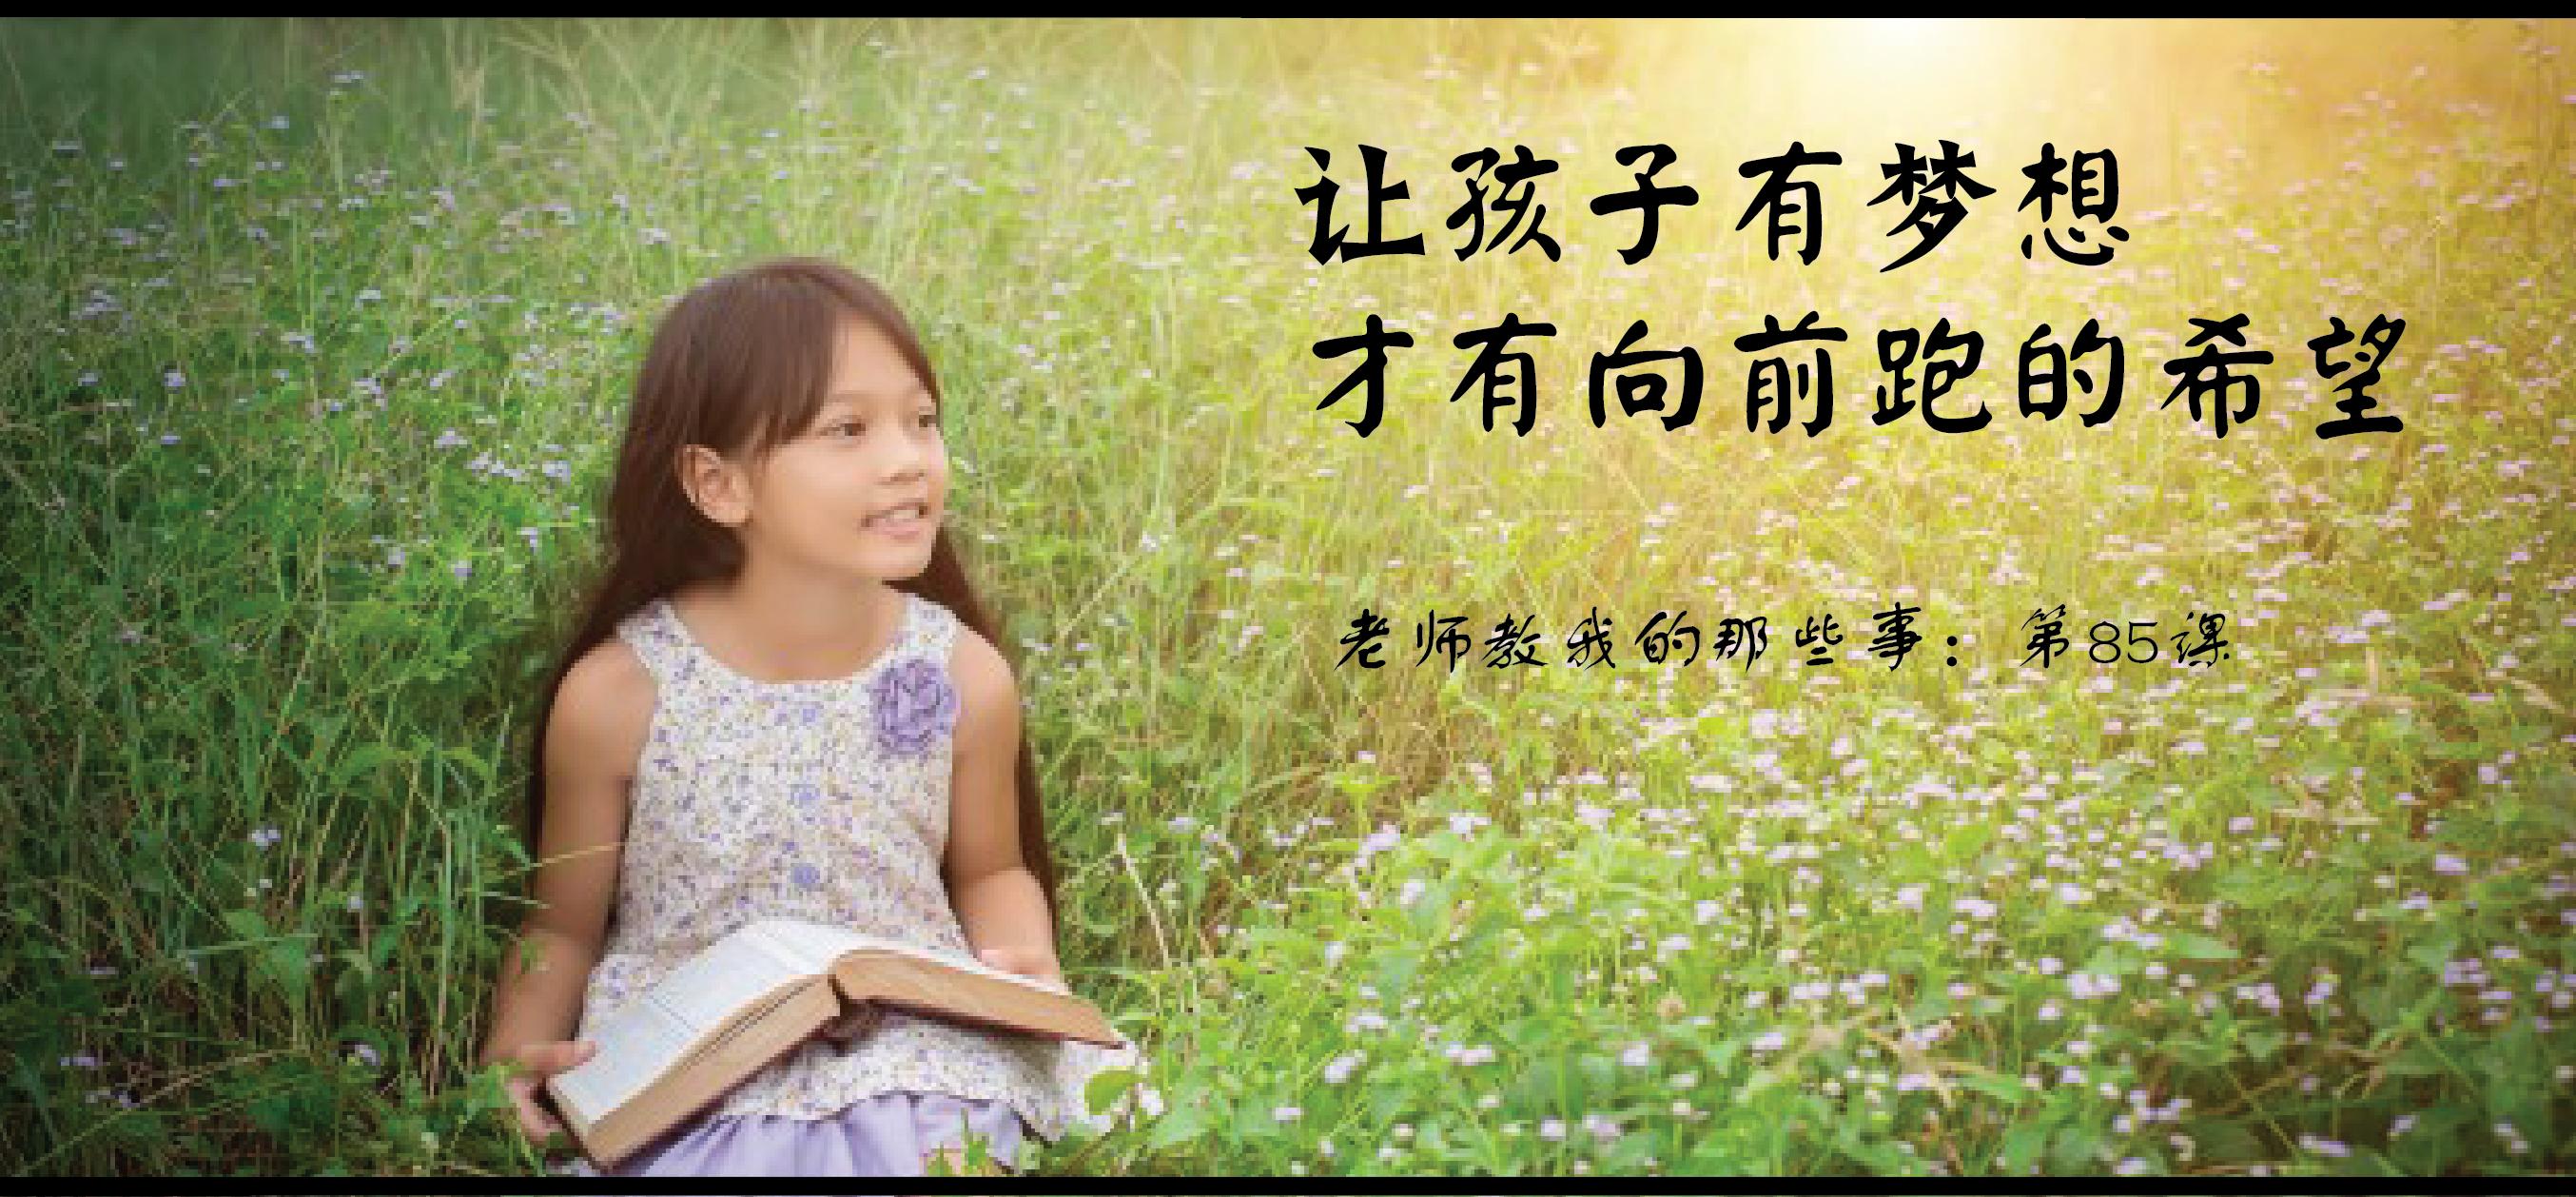 第85课:让孩子有梦想,才有向前跑的希望